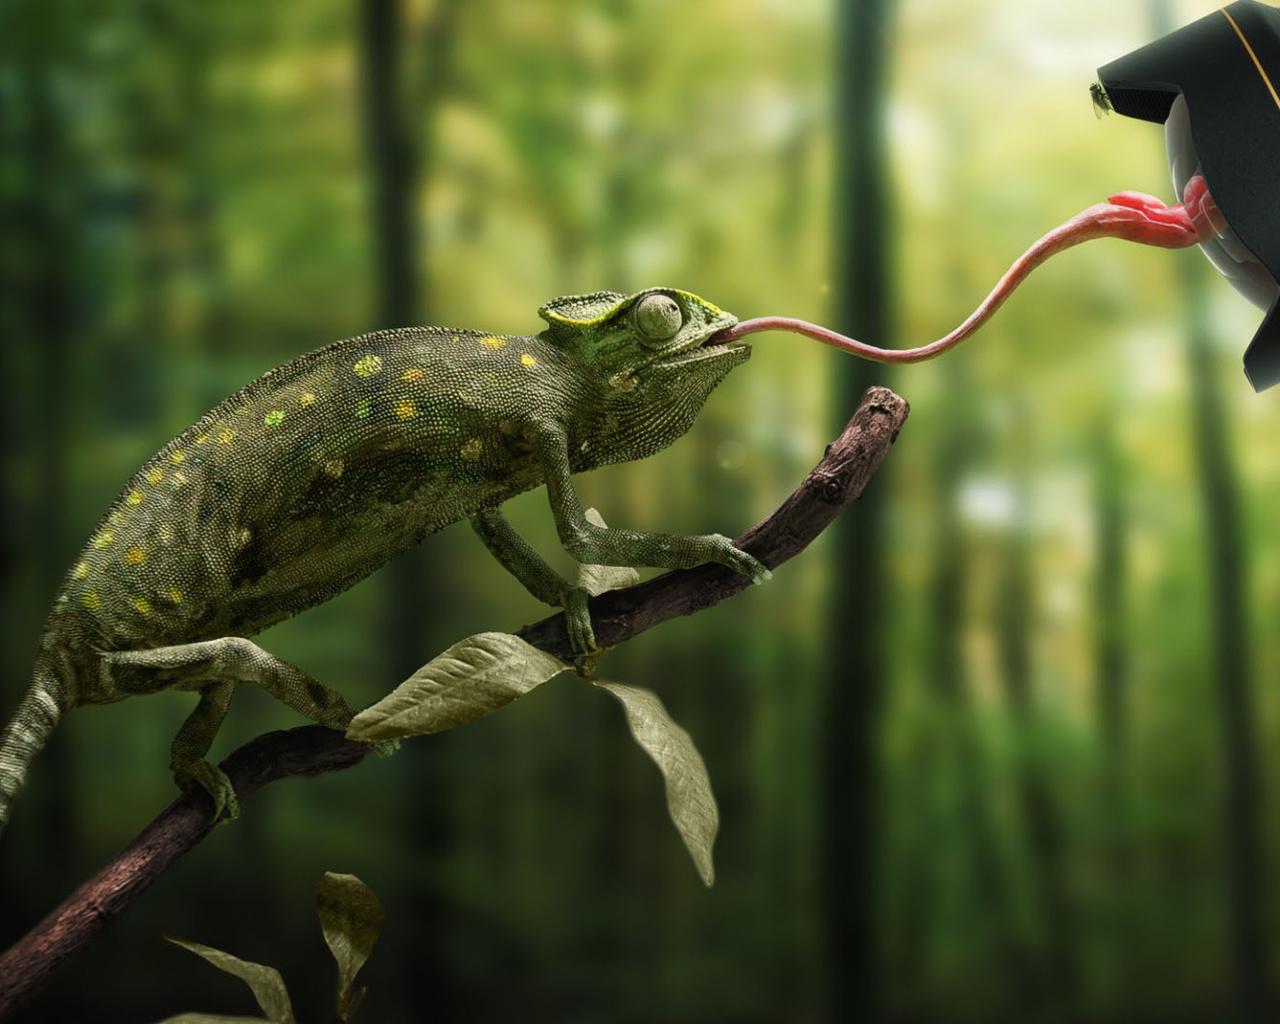 животные, рептилии, хамелеон, фотограф, Язык